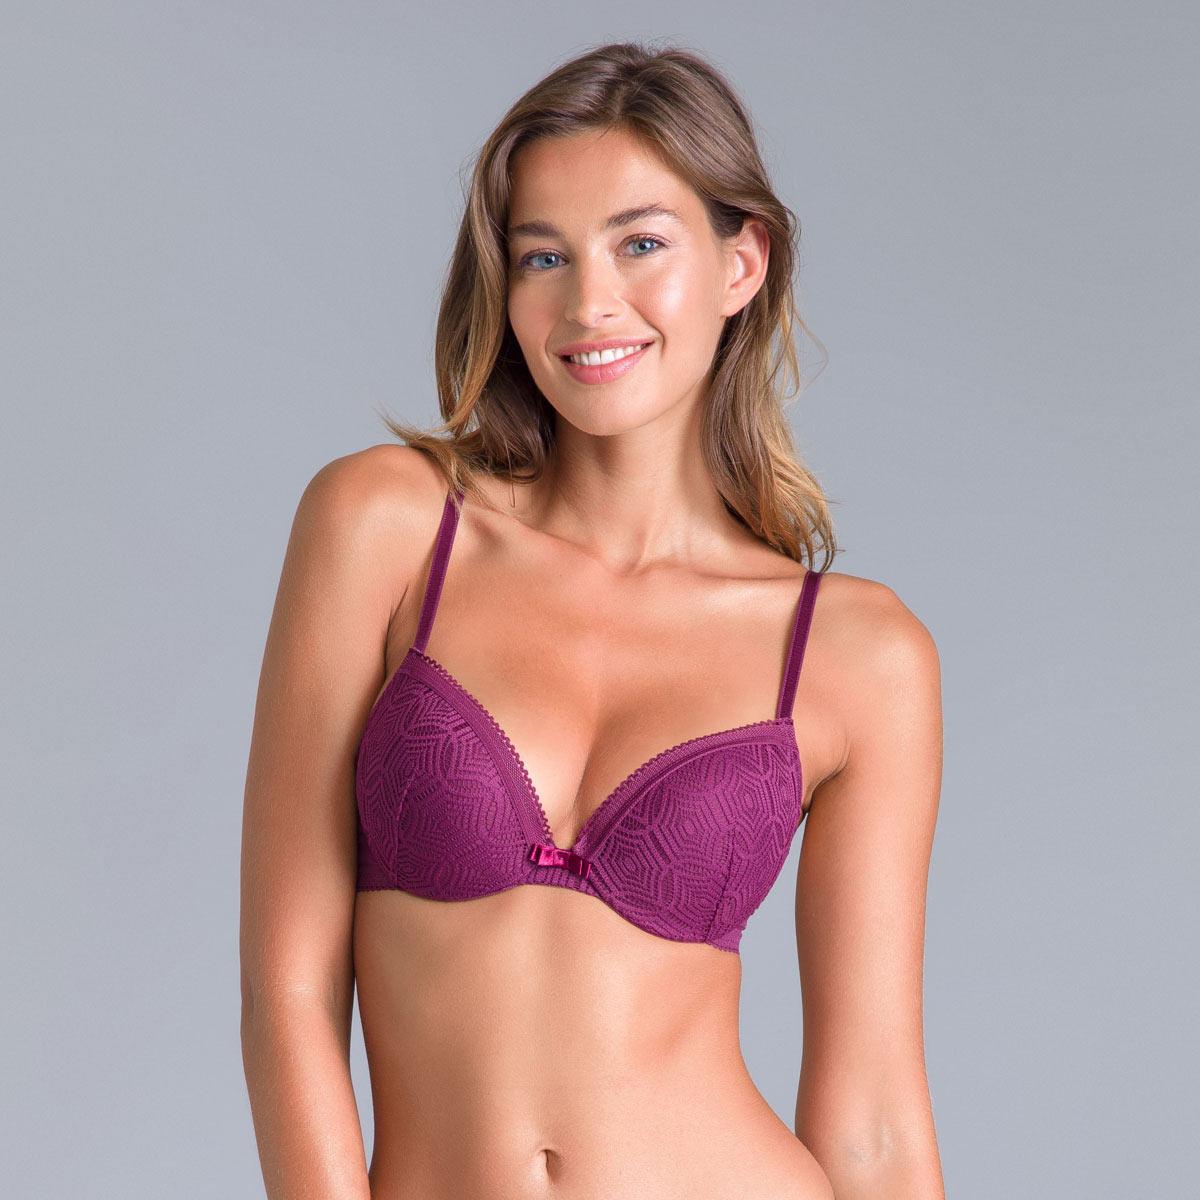 Soutien-gorge push-up dentelle violet Daily Glam